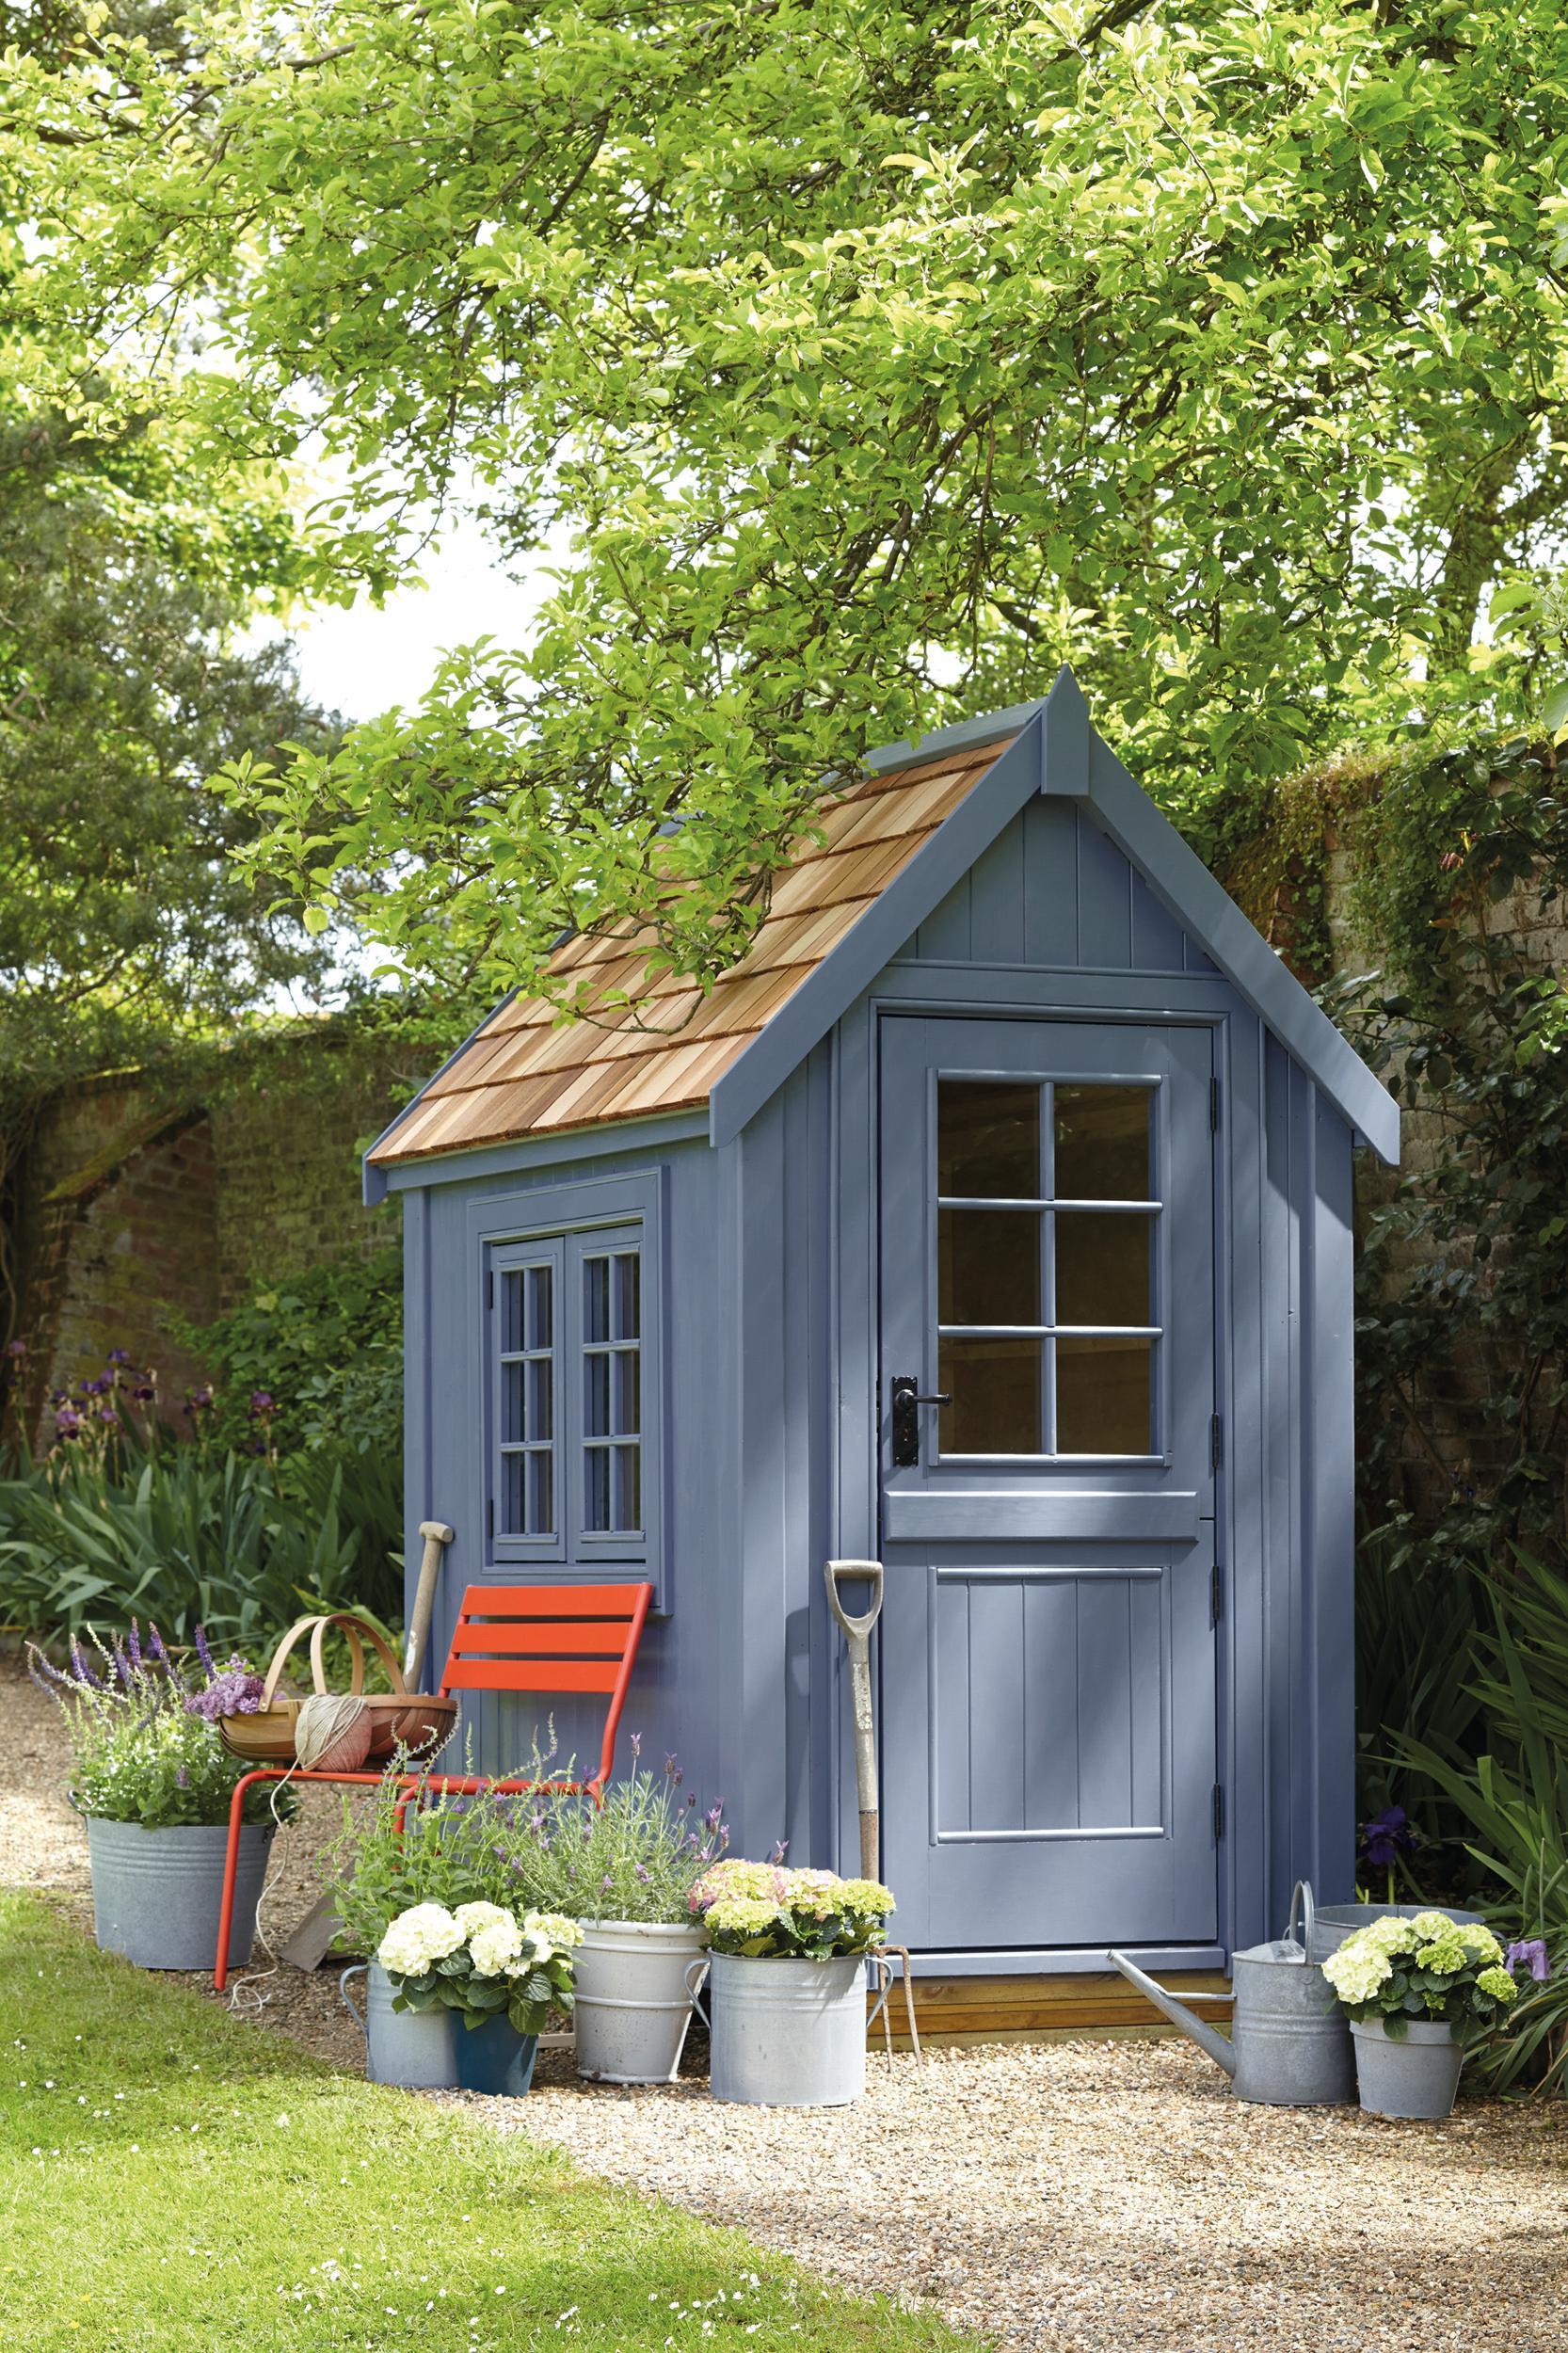 Gartenhaus In Blau #gartenhaus #gartenbank #gartengestaltung #geräteschuppen  ©Little Greene